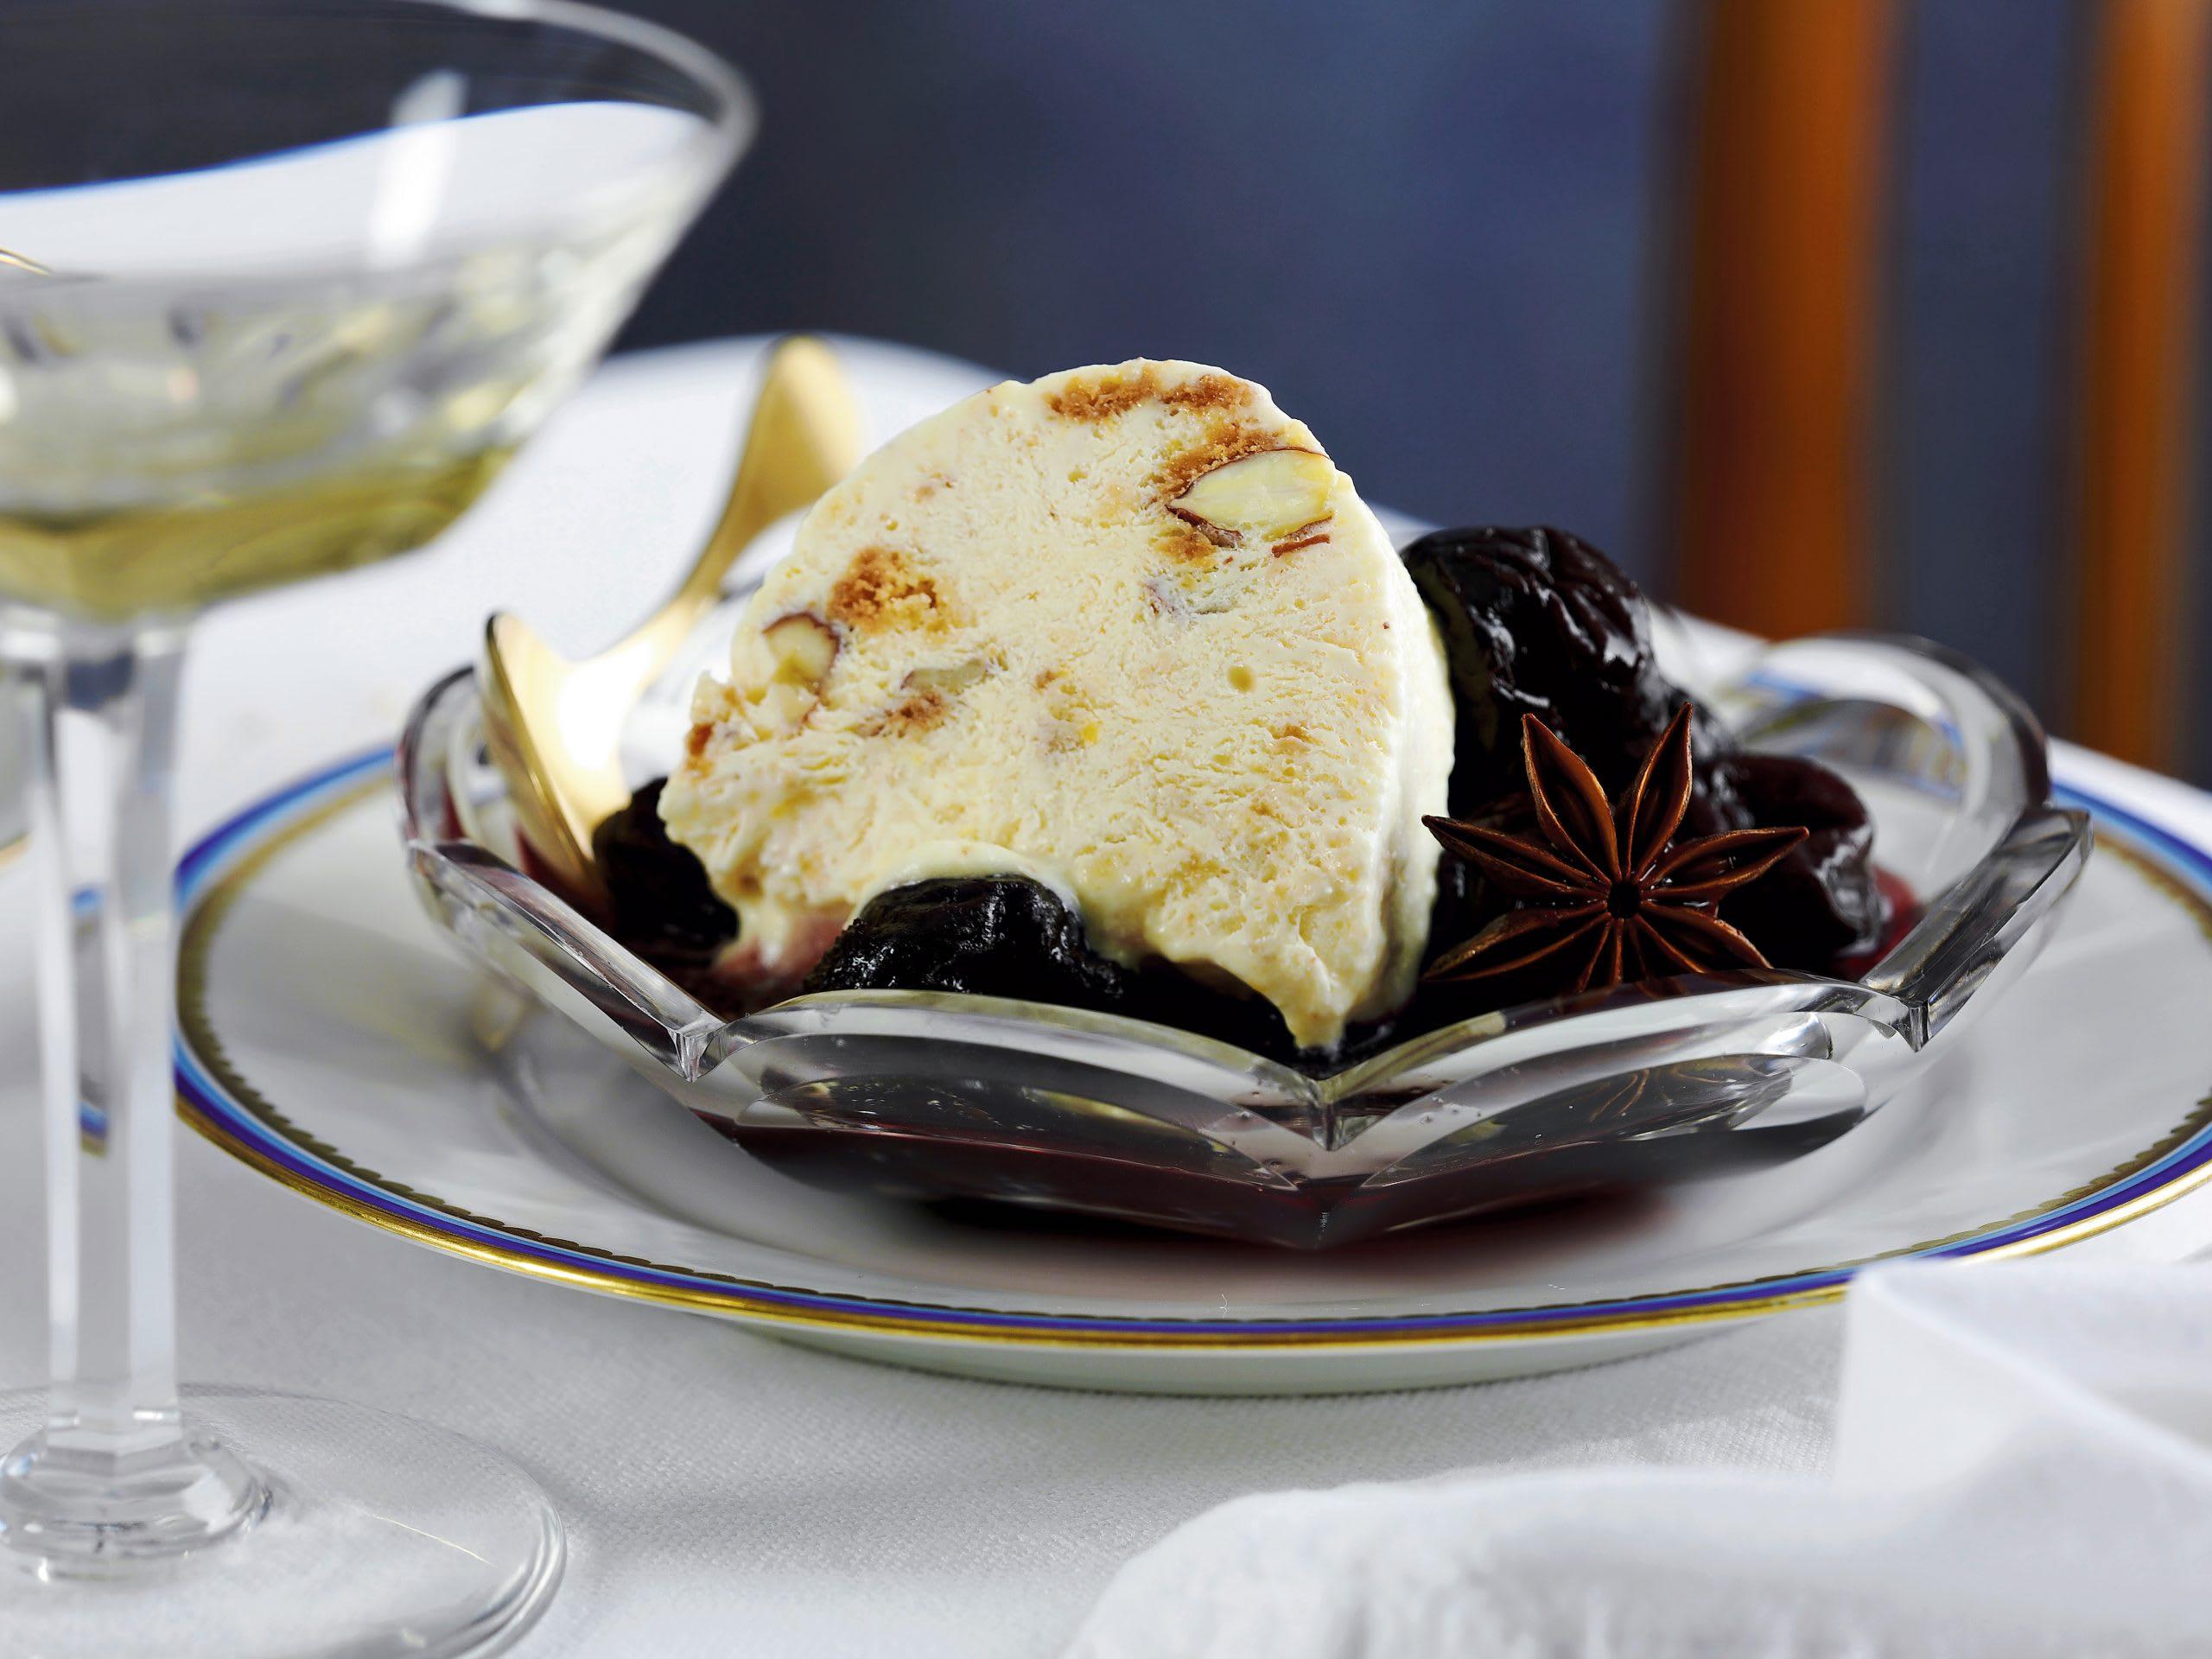 Bûche glacée aux cantucci et sauce au vin rouge et aux pruneaux